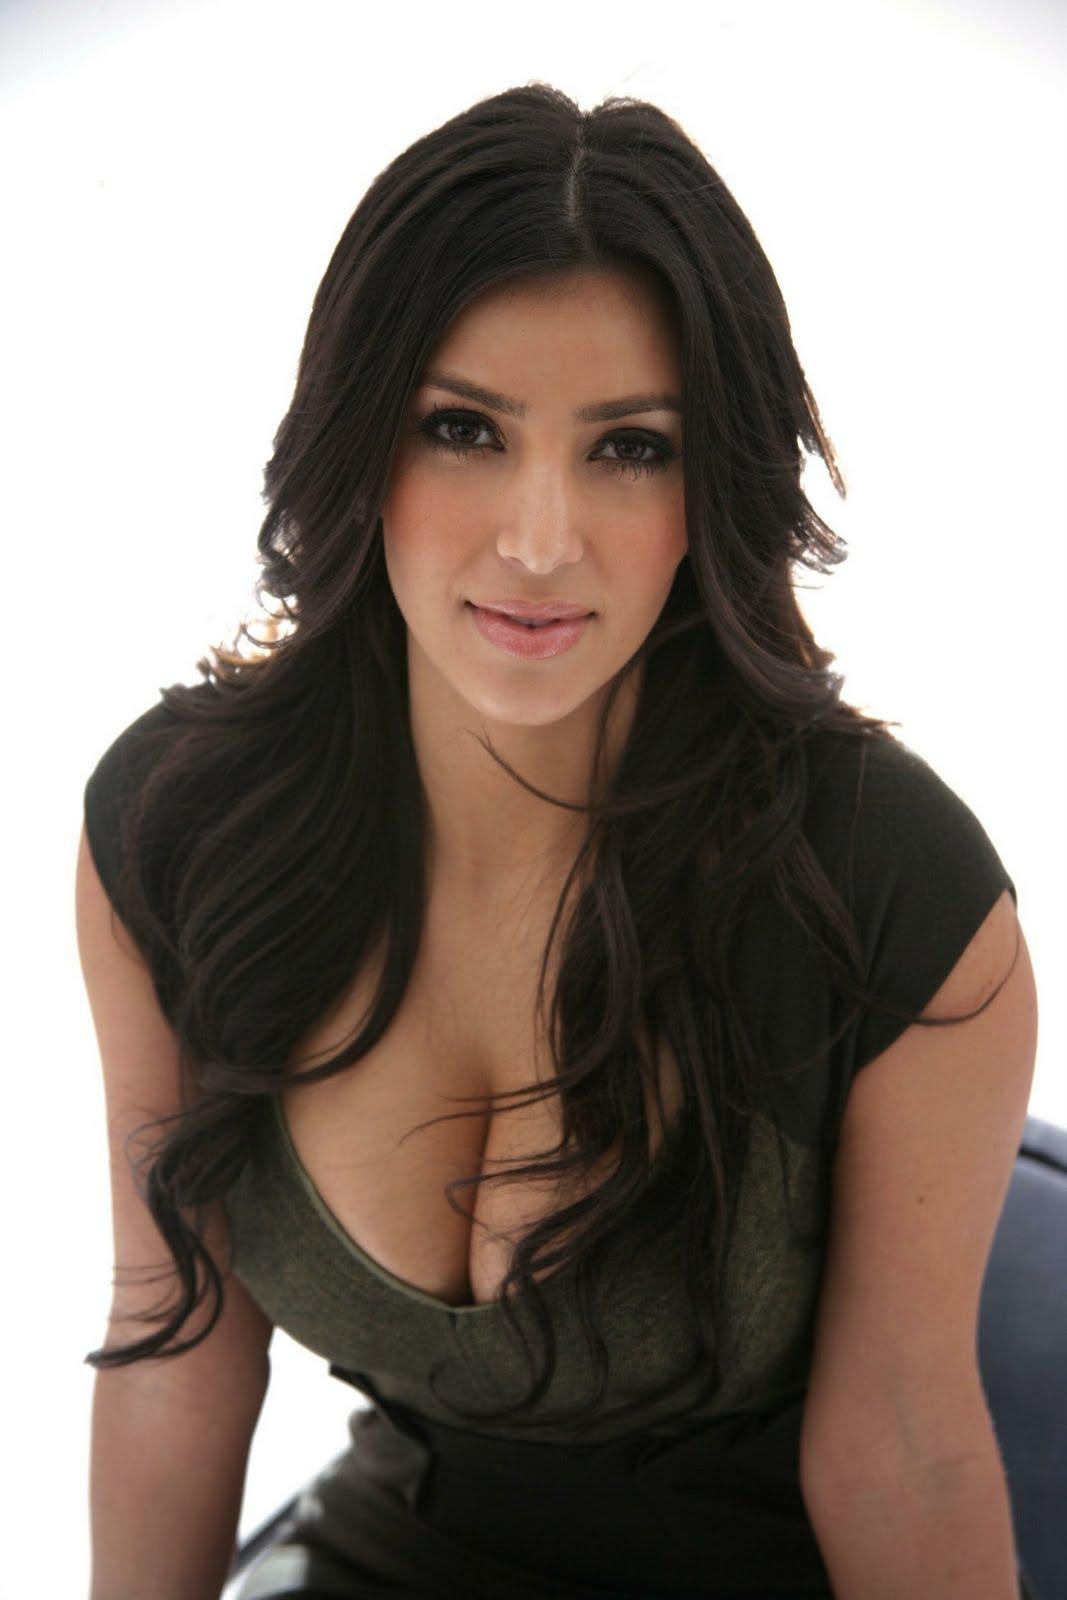 http://1.bp.blogspot.com/-SLoPDa-7zyk/TrTLh_WvQOI/AAAAAAAAAq0/lNU7QU8k-lI/s1600/Kim-Kardashian-divorce.jpg